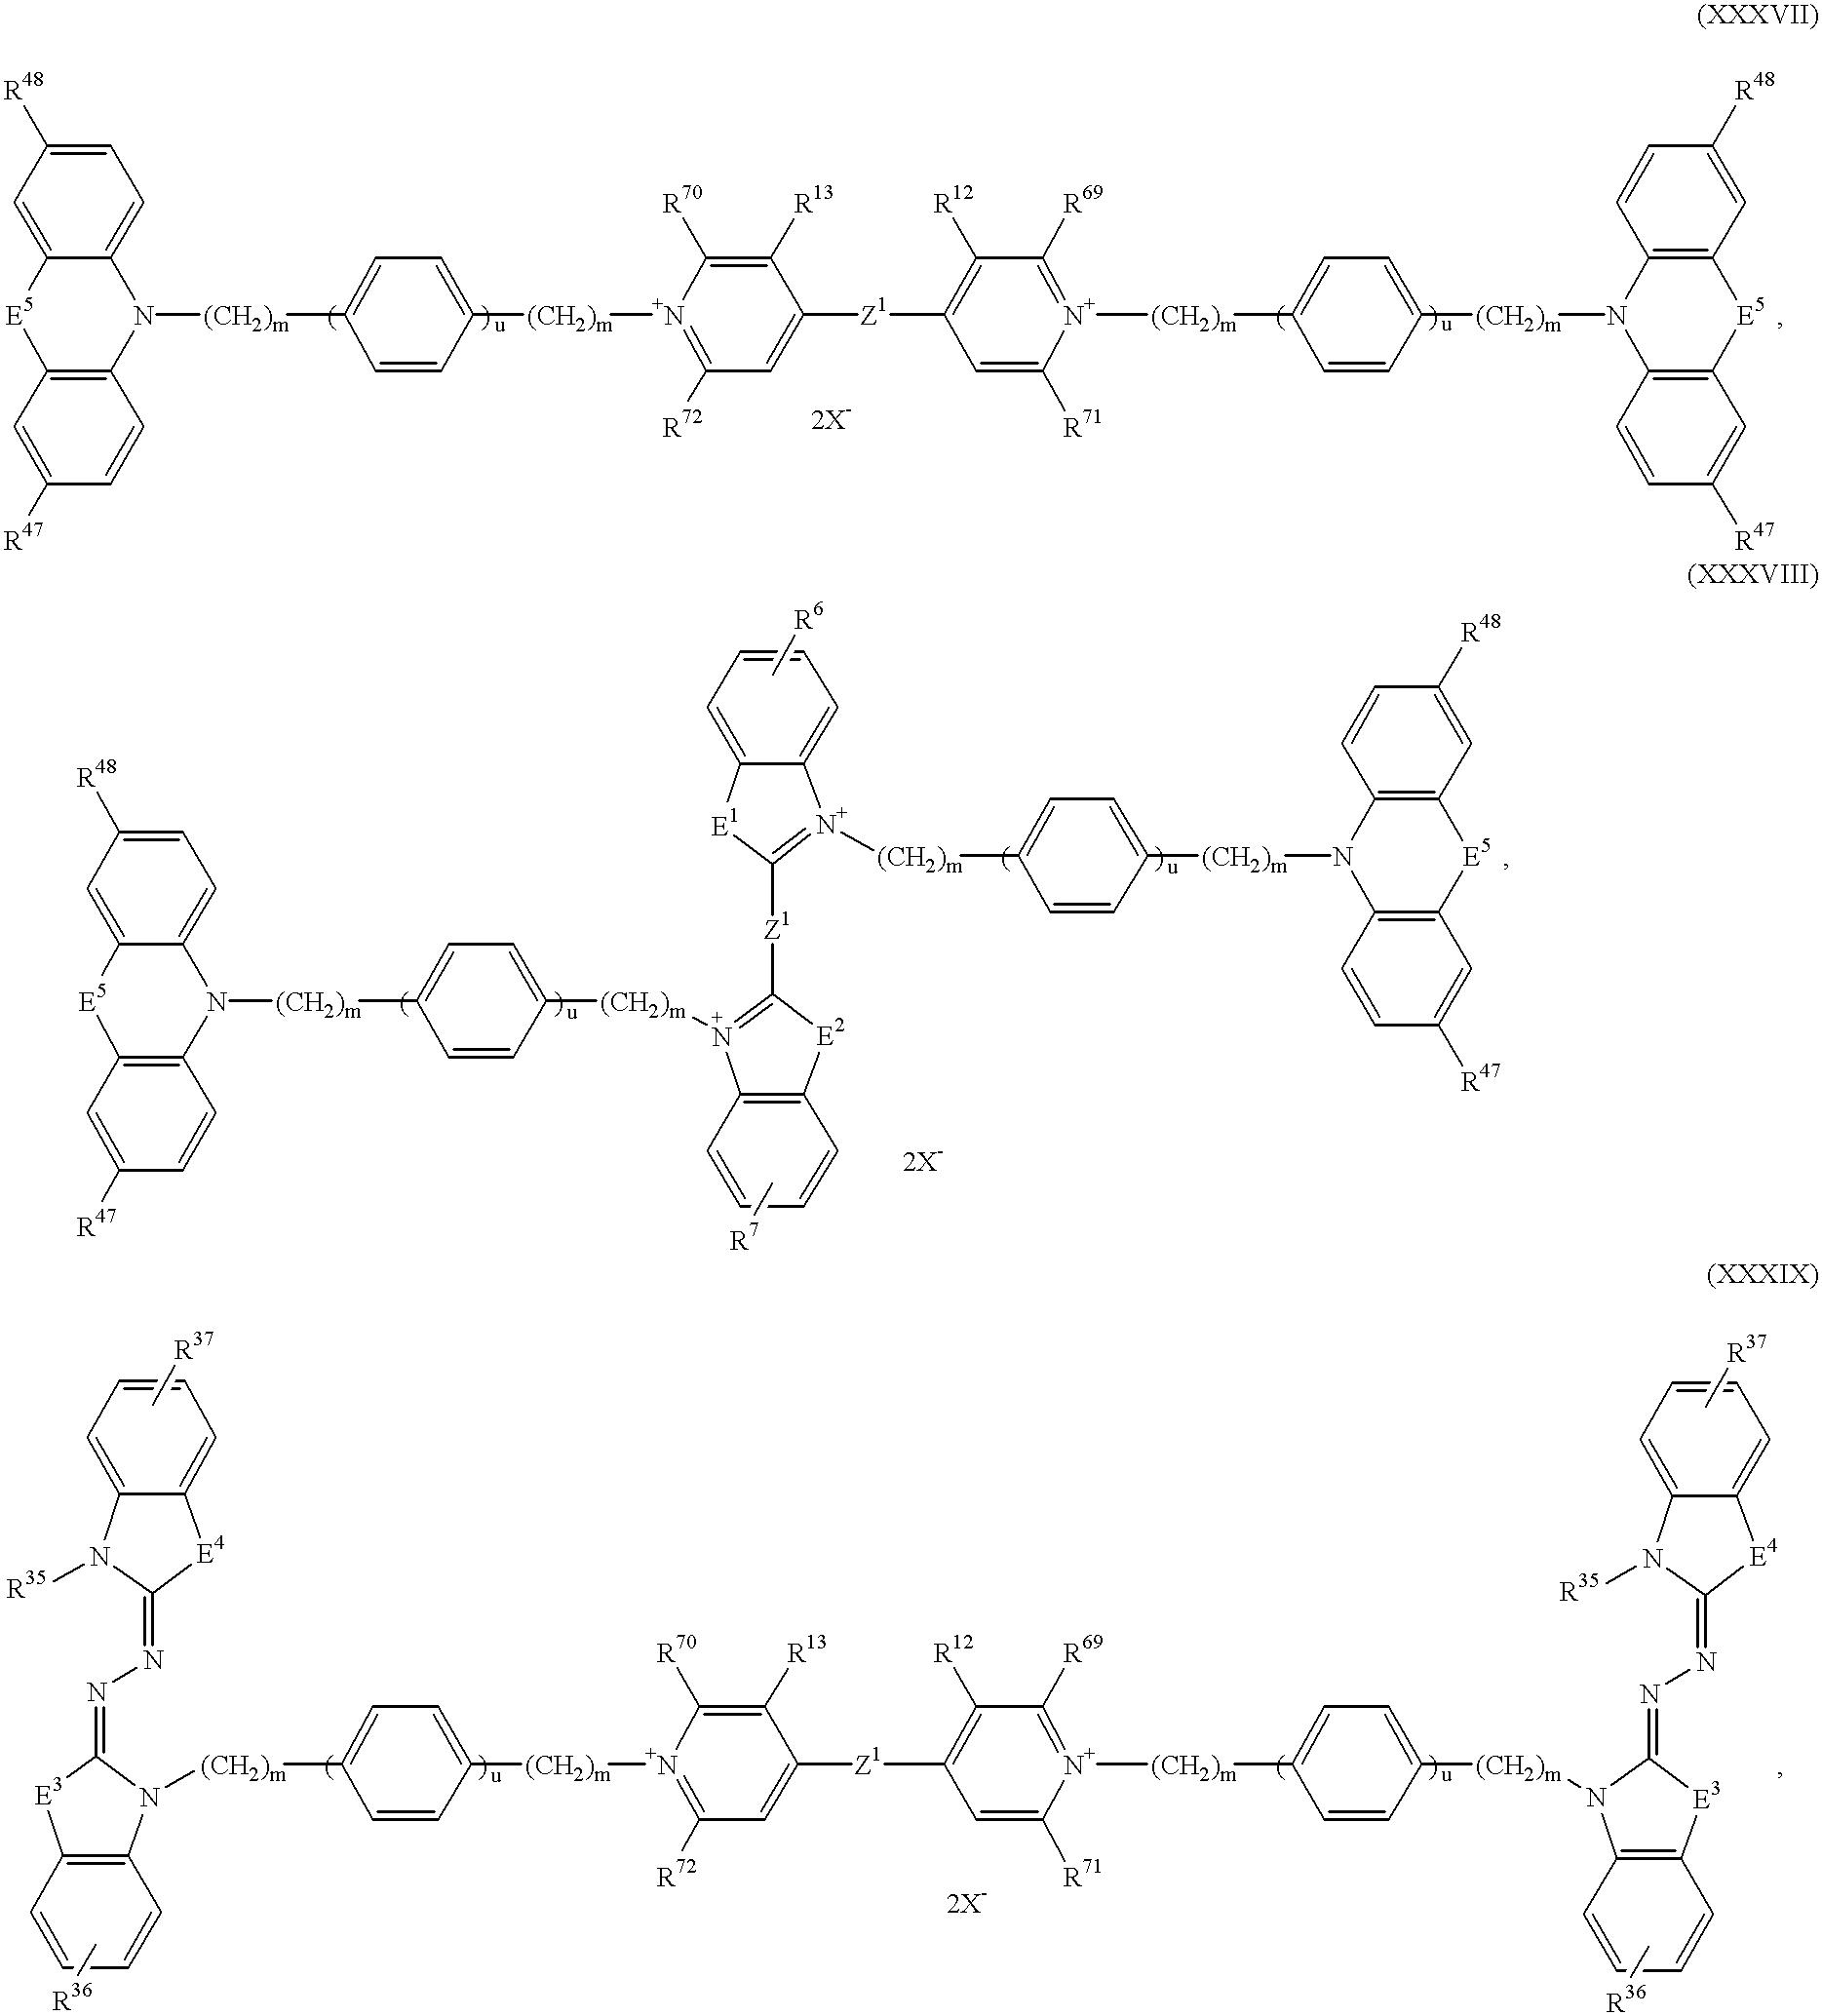 Figure US06241916-20010605-C00012